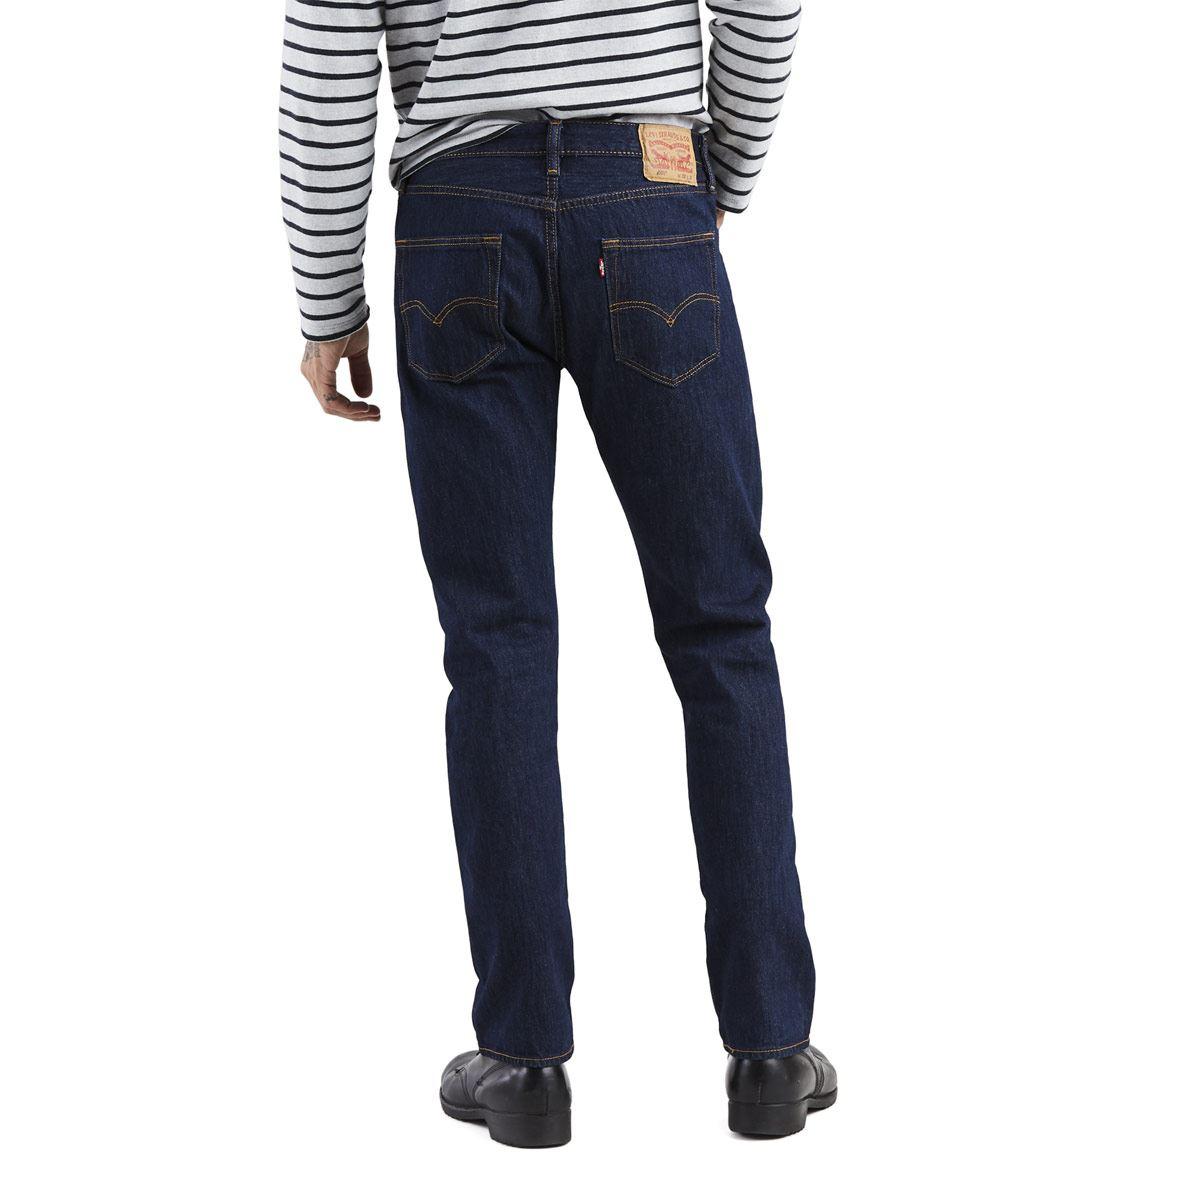 Jeans para Caballero Levi's 501 Original Fit Jeans 32x34